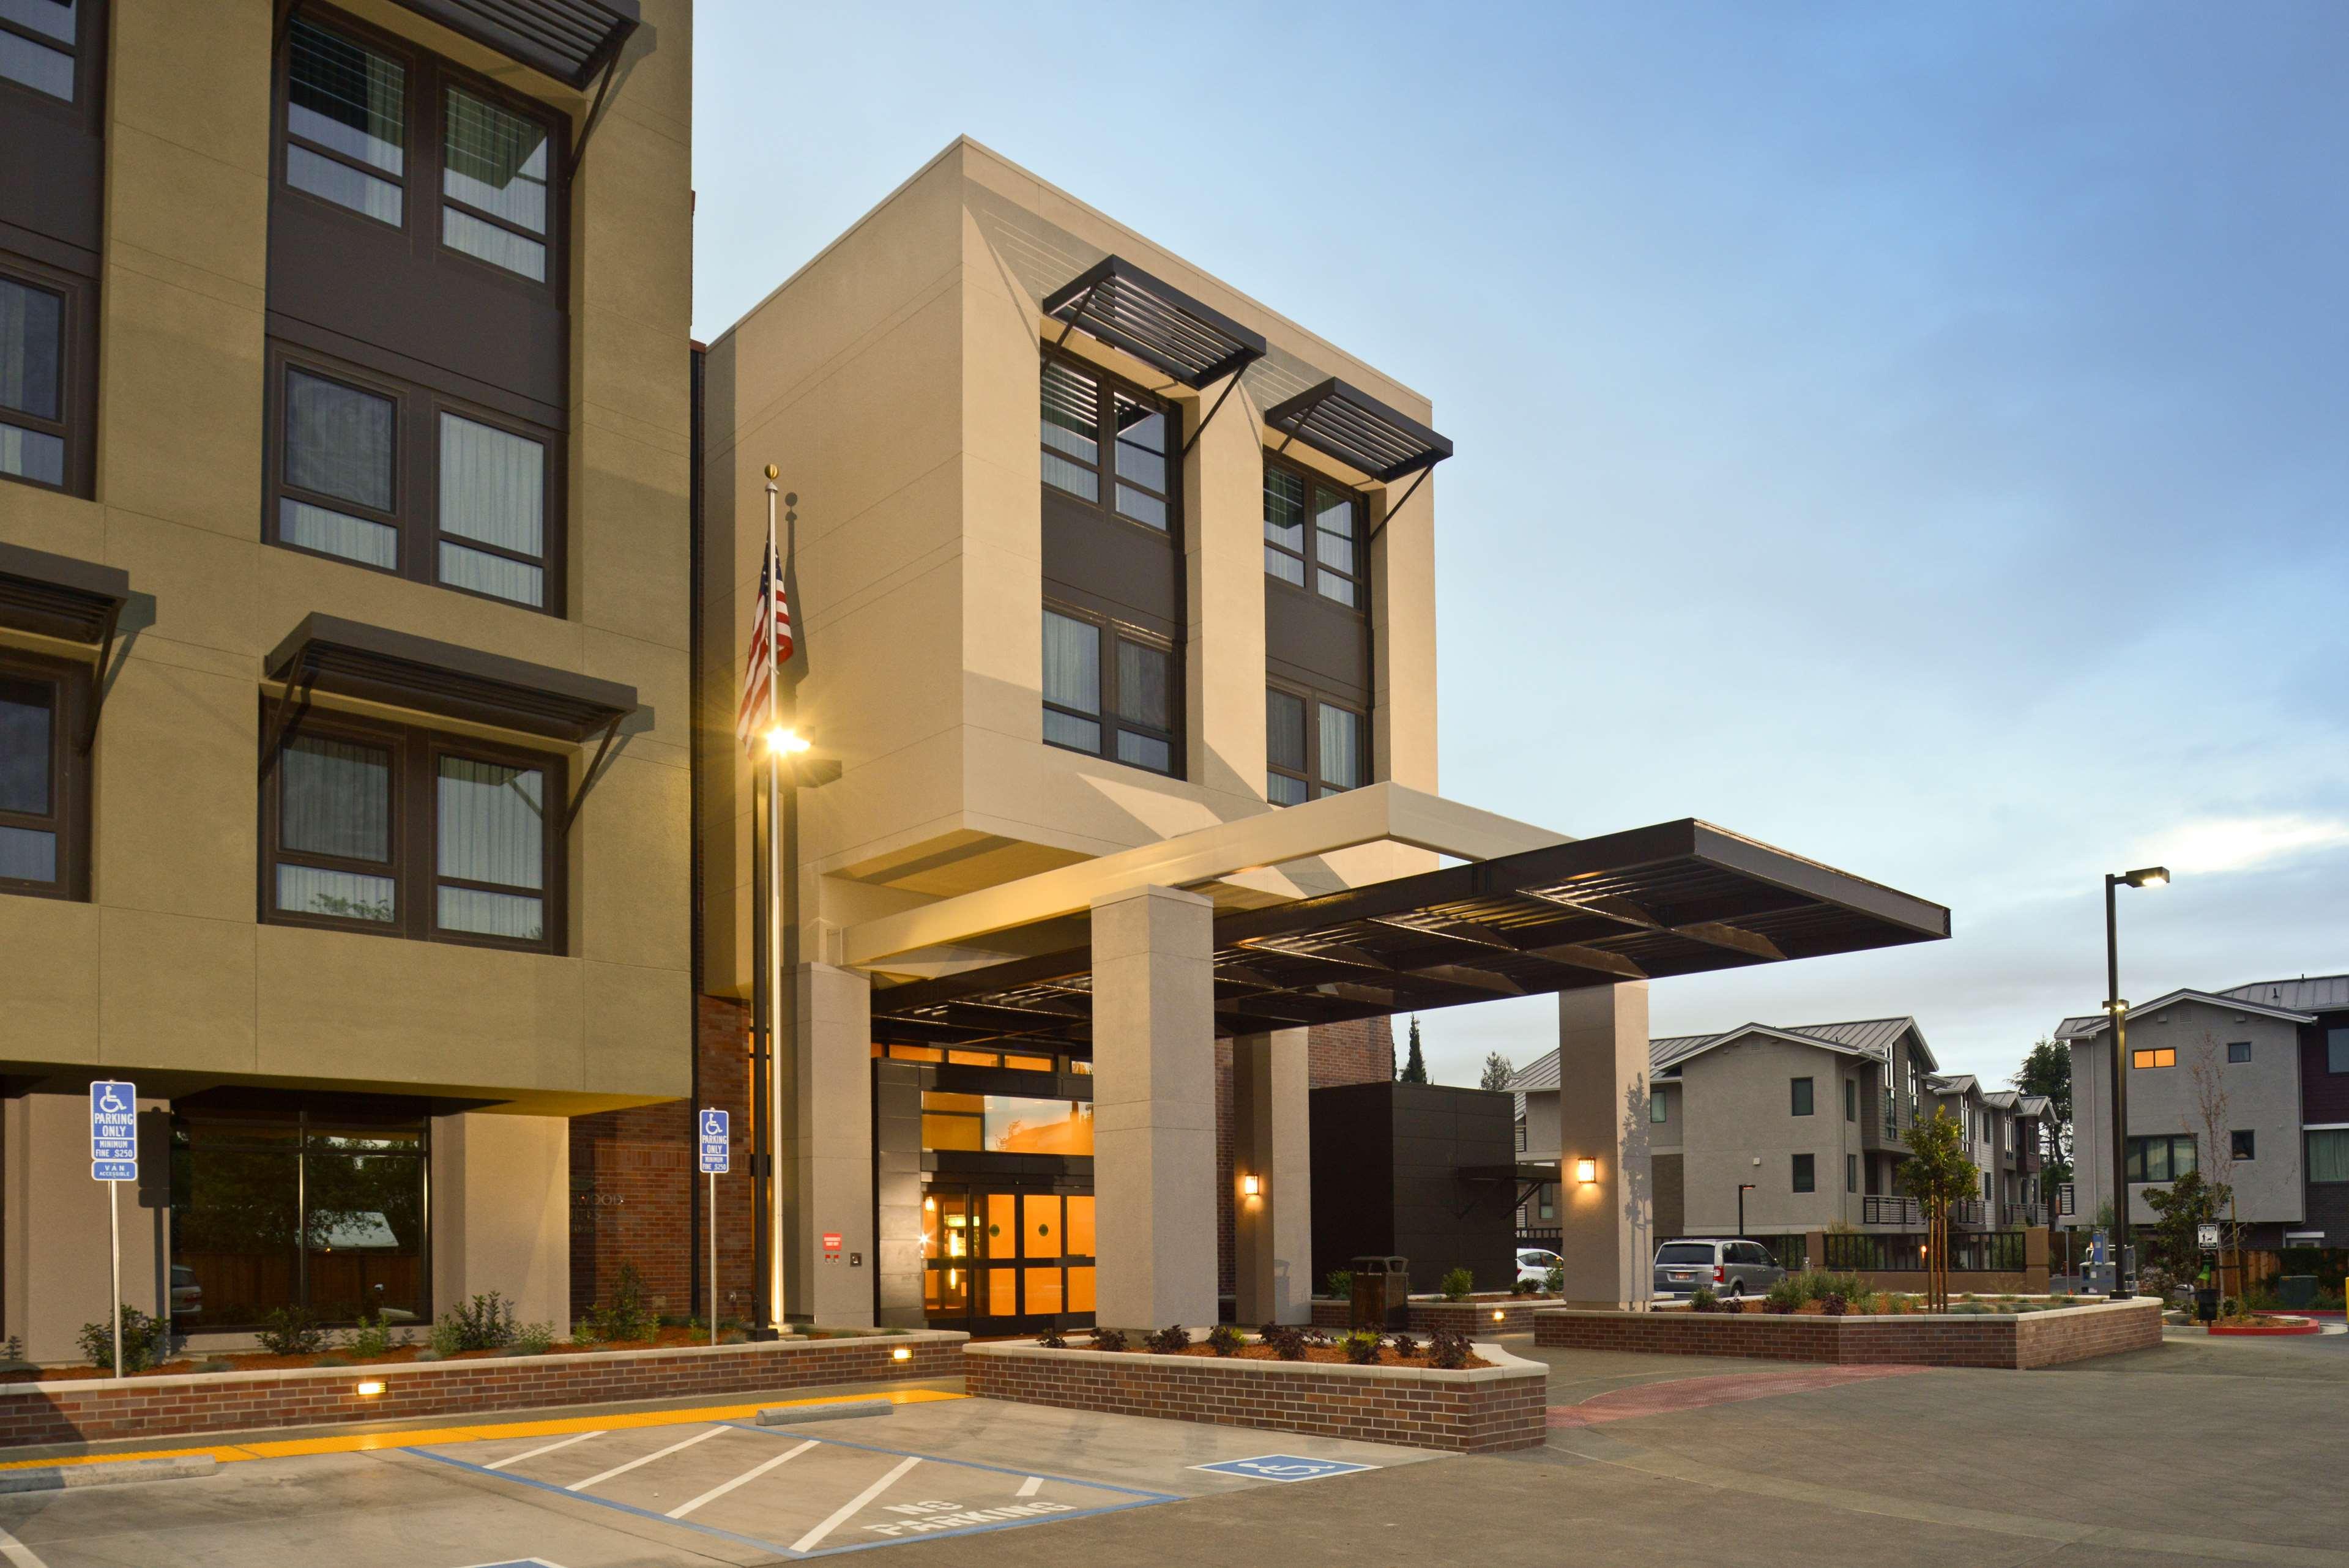 Homewood Suites by Hilton Palo Alto image 2